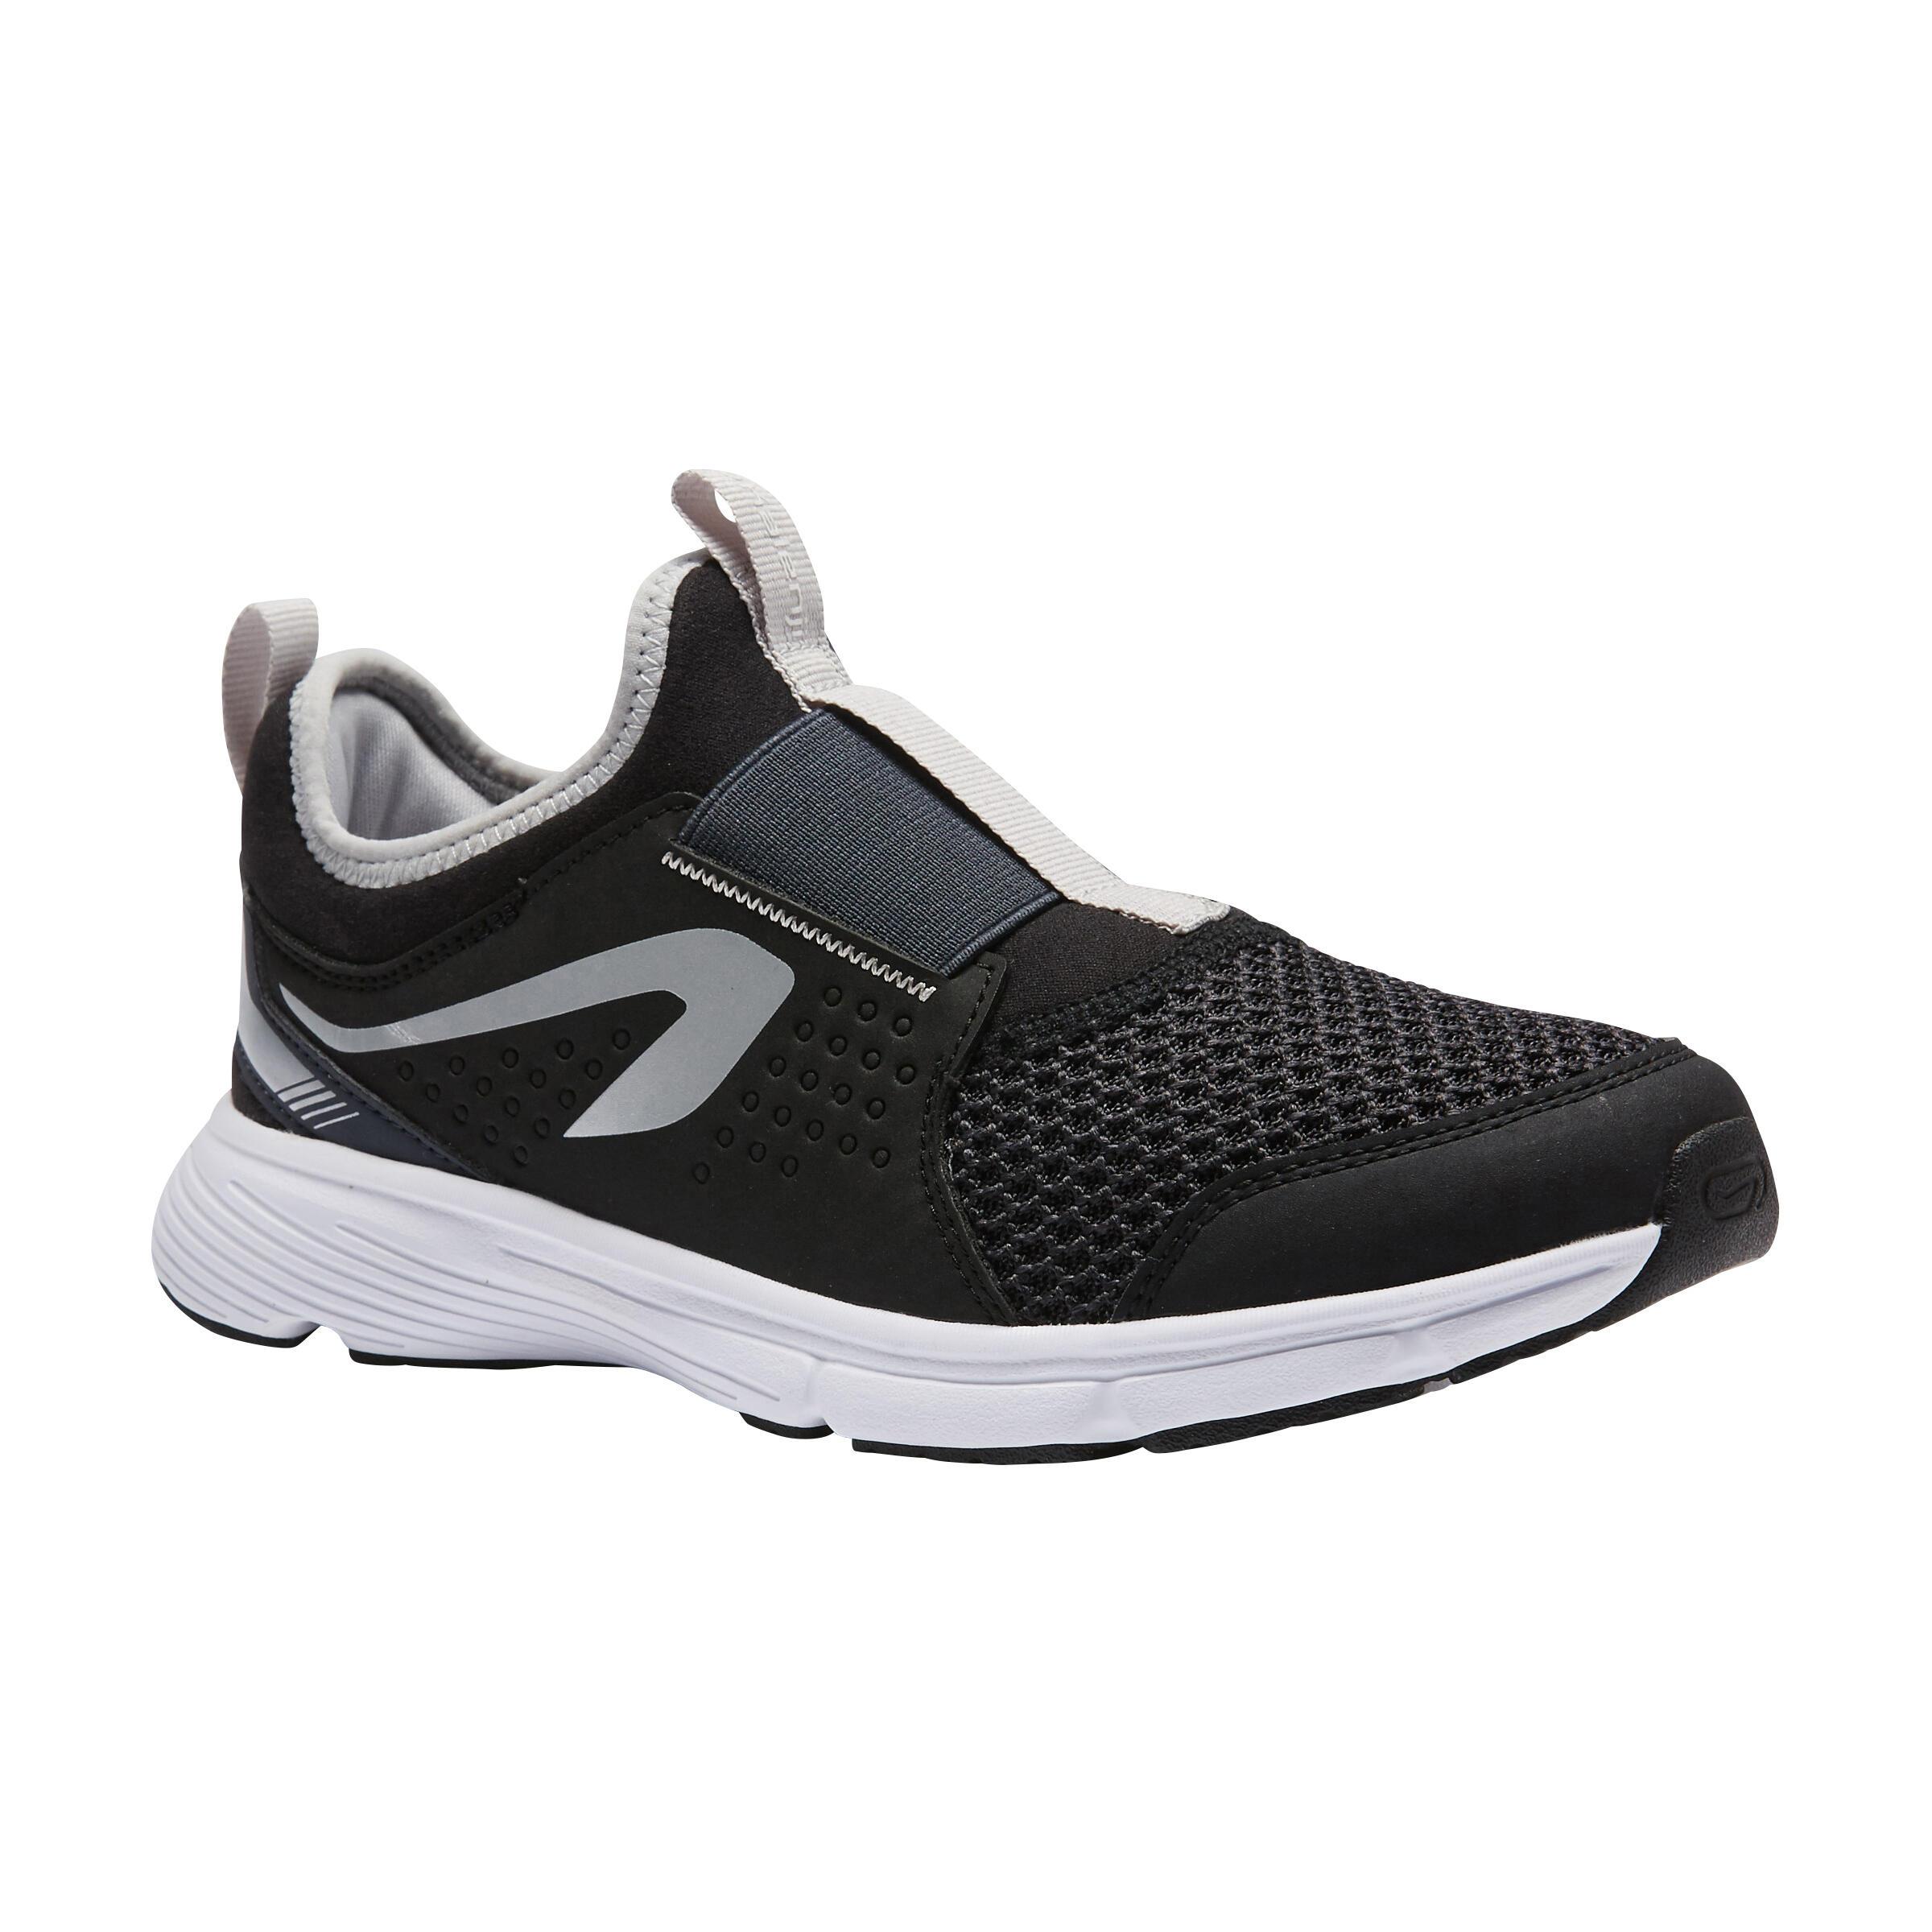 Kalenji Hardloopschoenen kinderen Run Support Easy zwart grijs